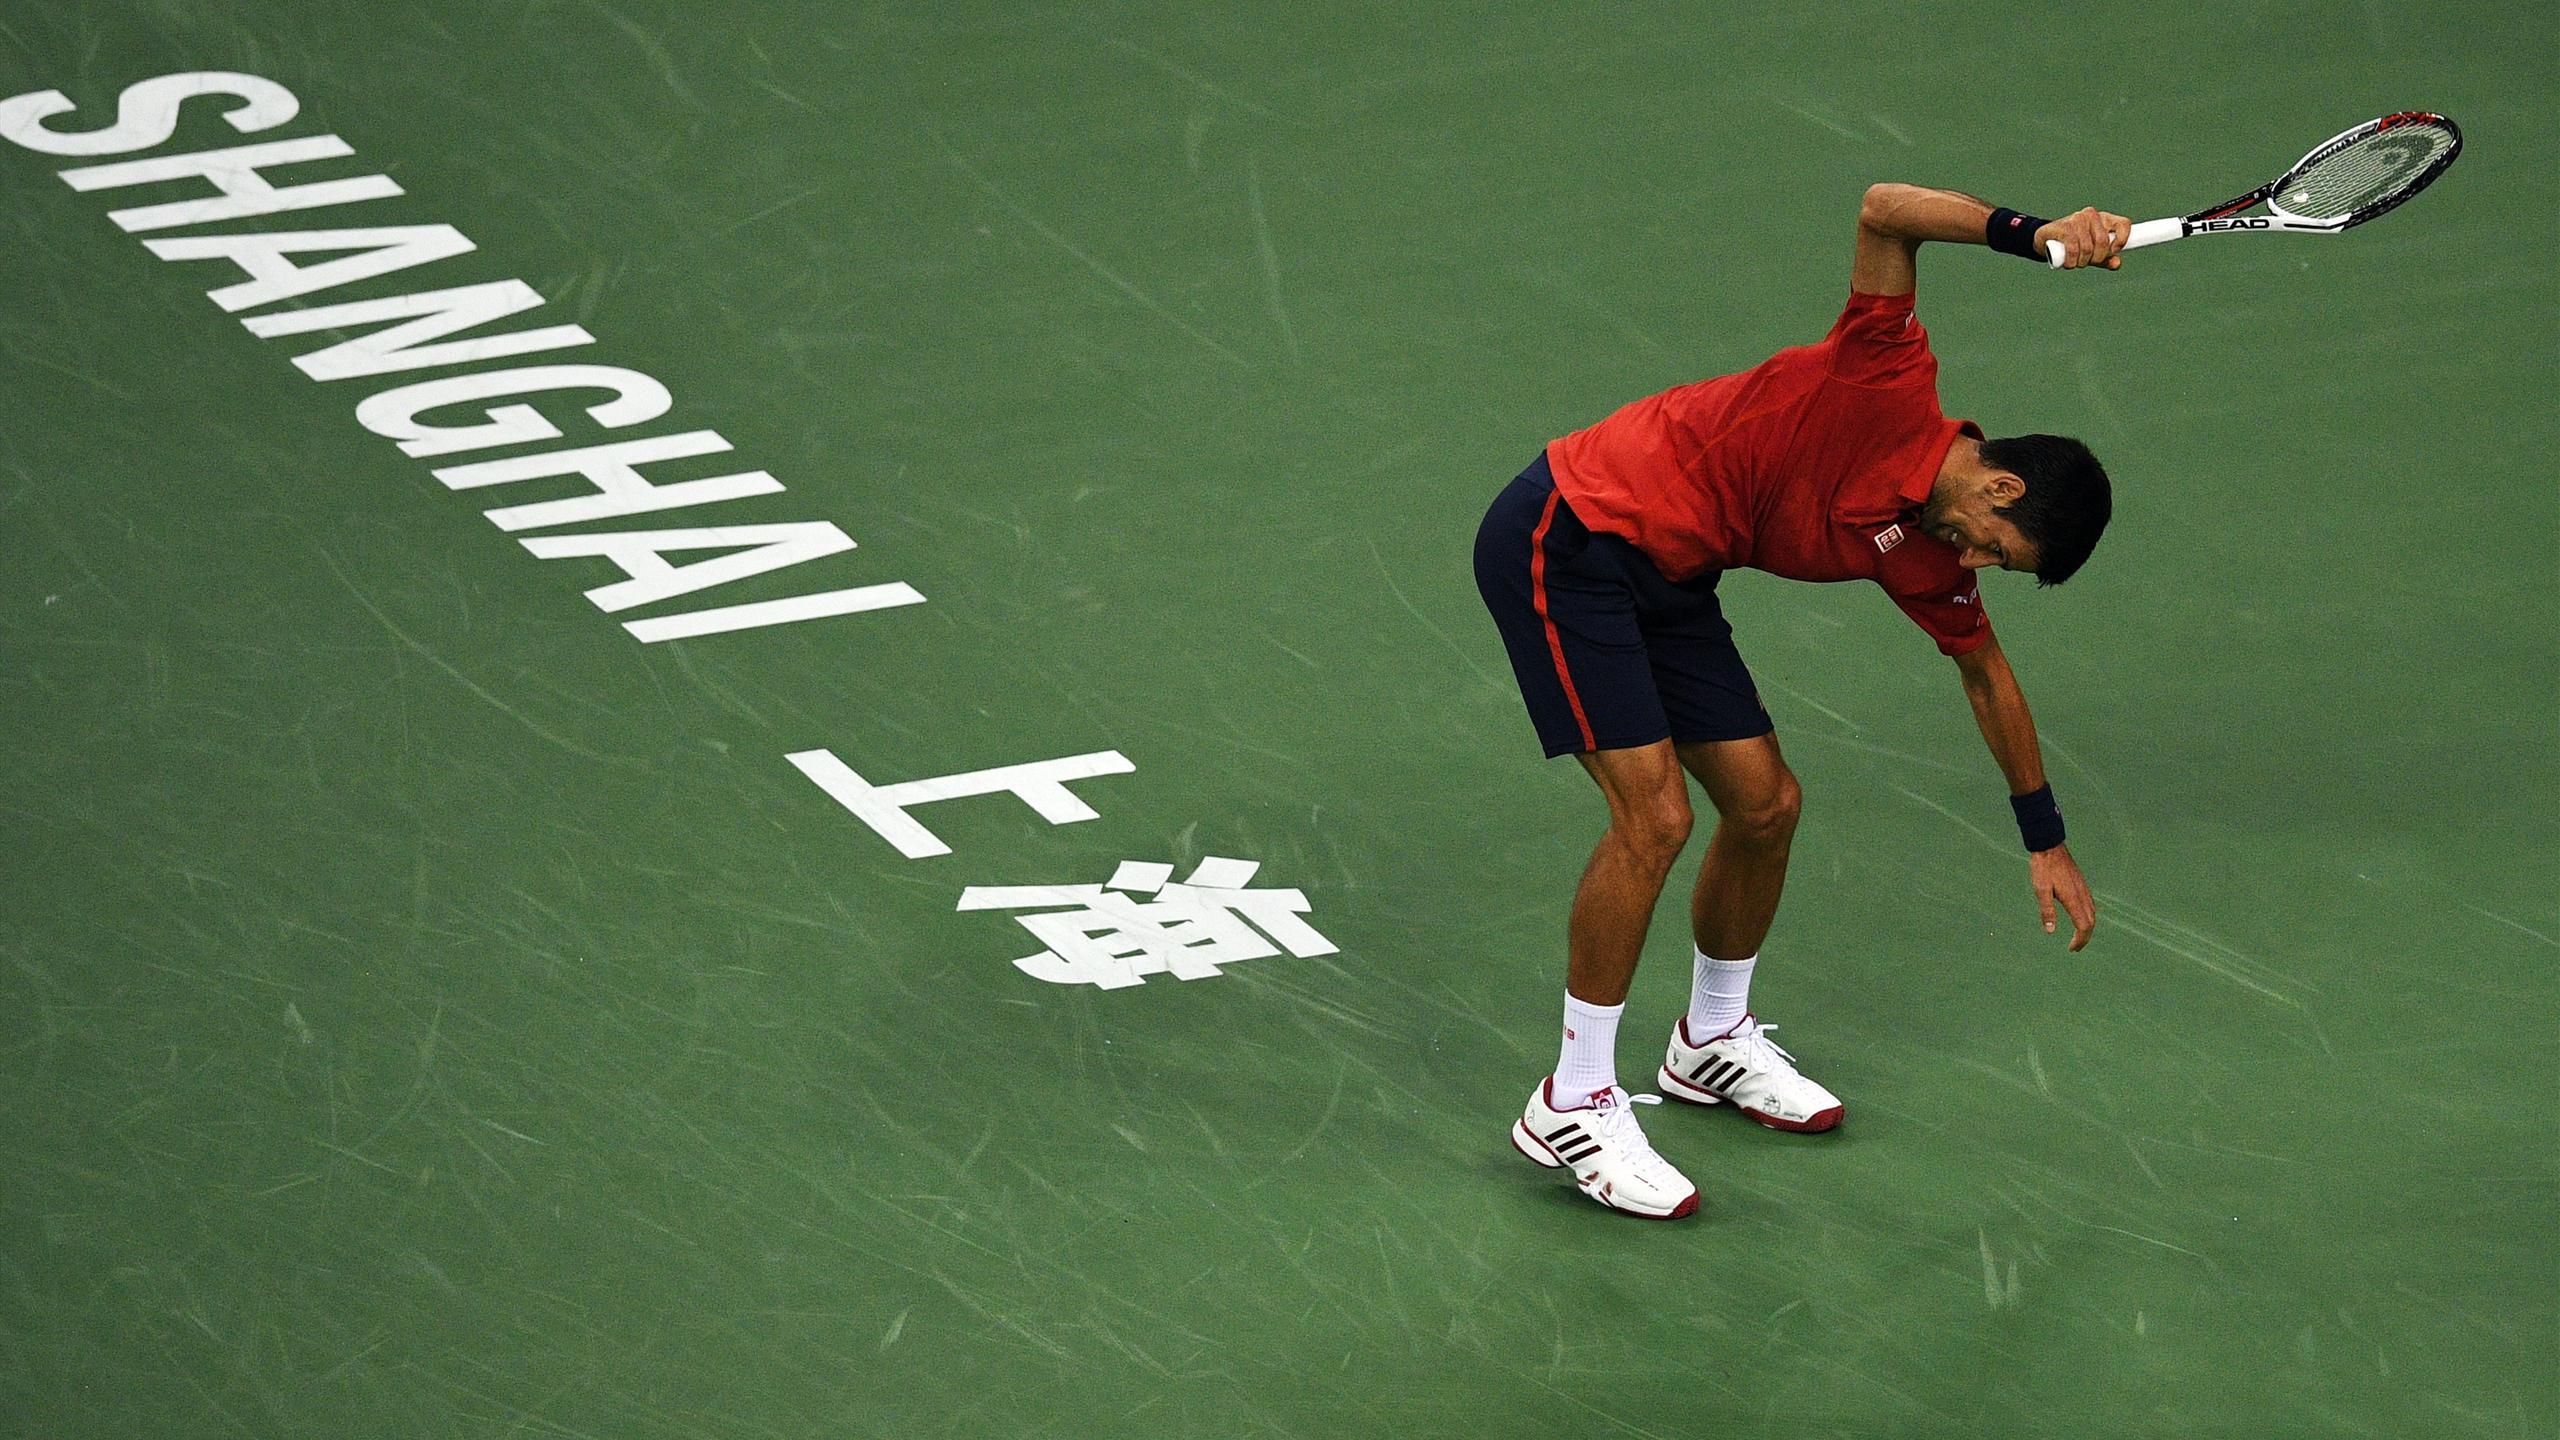 Novak Djokovic fracasse sa raquette après la perte du 1er set contre Bautista Agut en demie à Shanghai